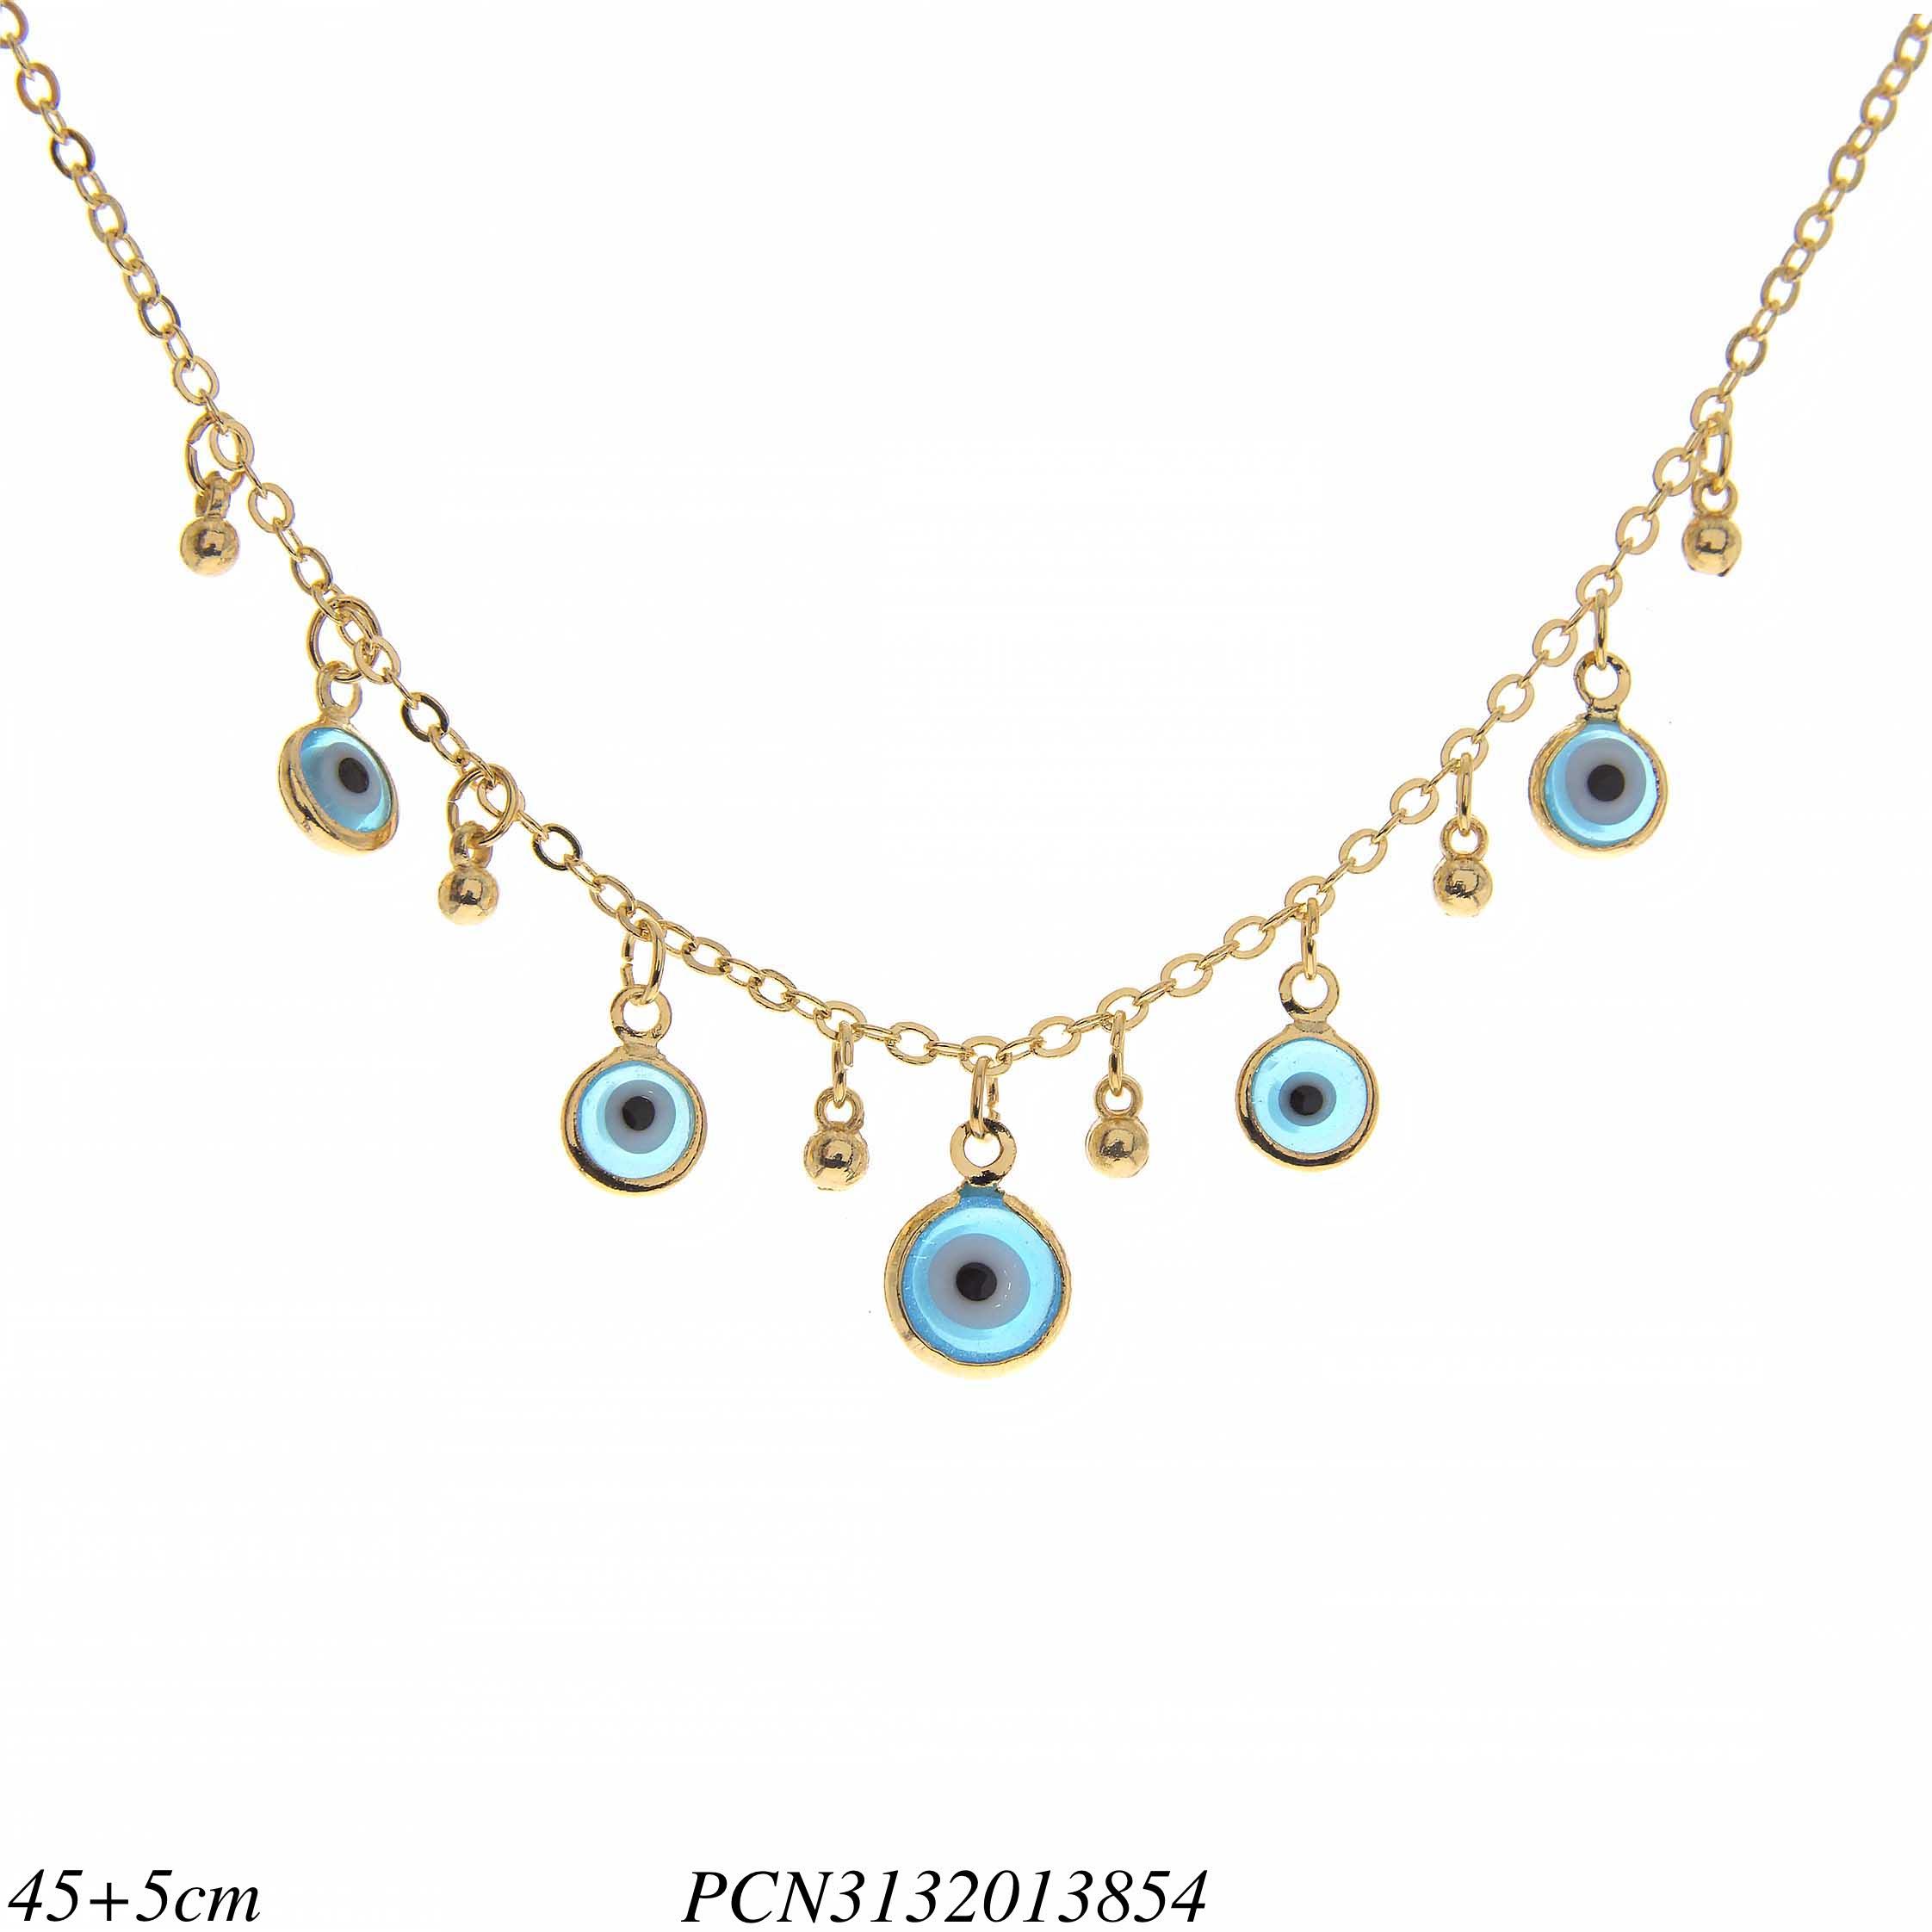 bda5d85224082 Colar luxo com franja de olho grego e pingente em banho de ouro 18k ...